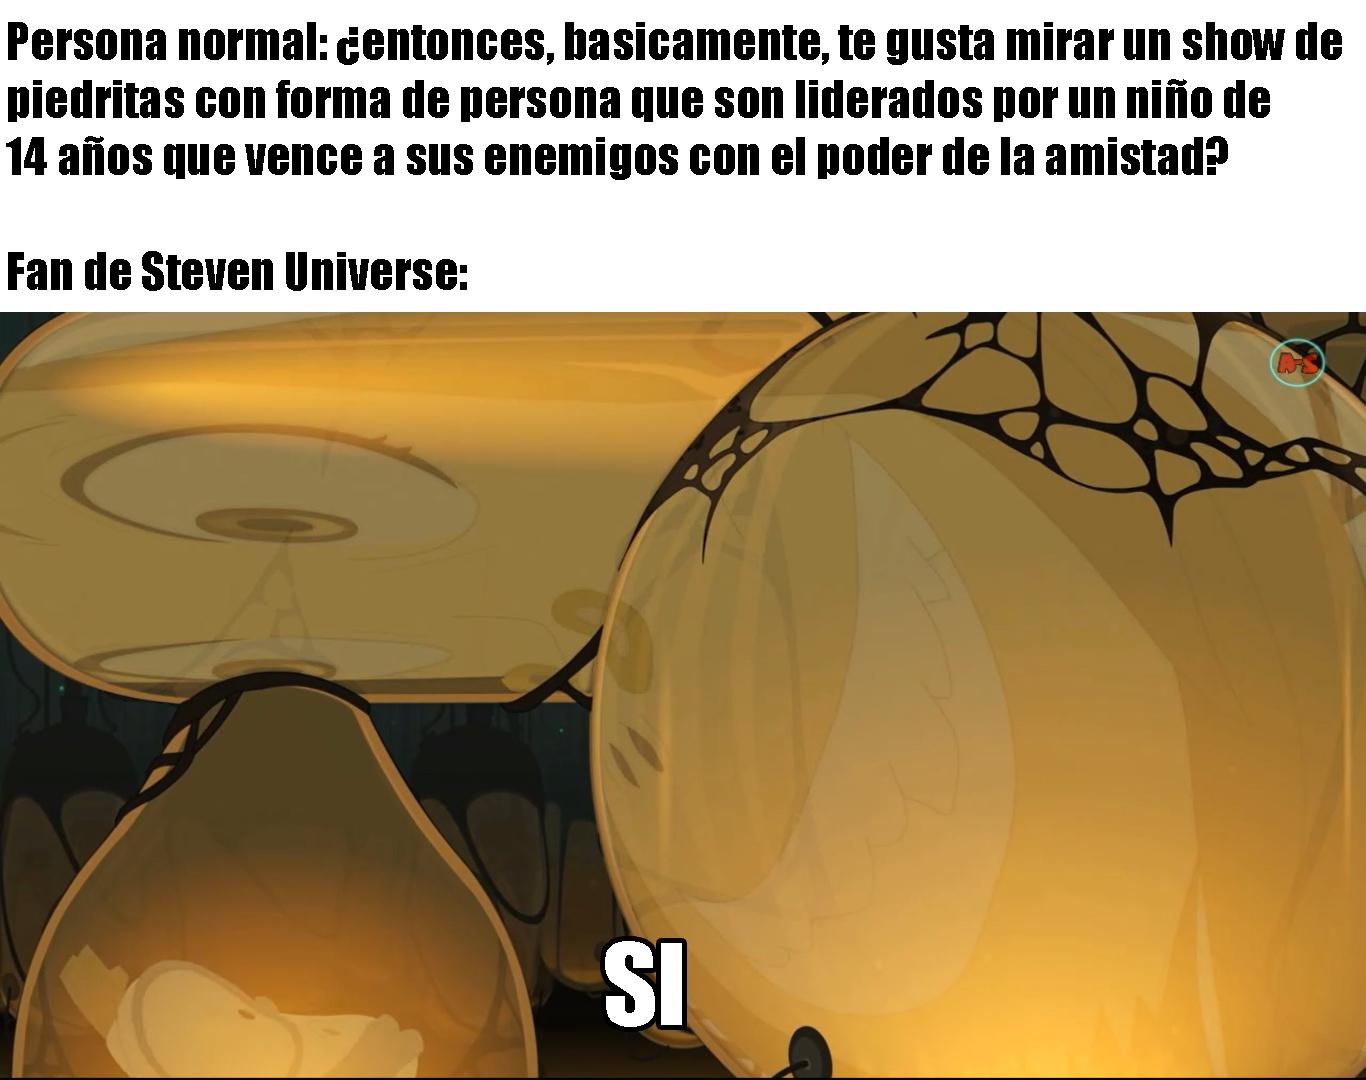 S1 - meme